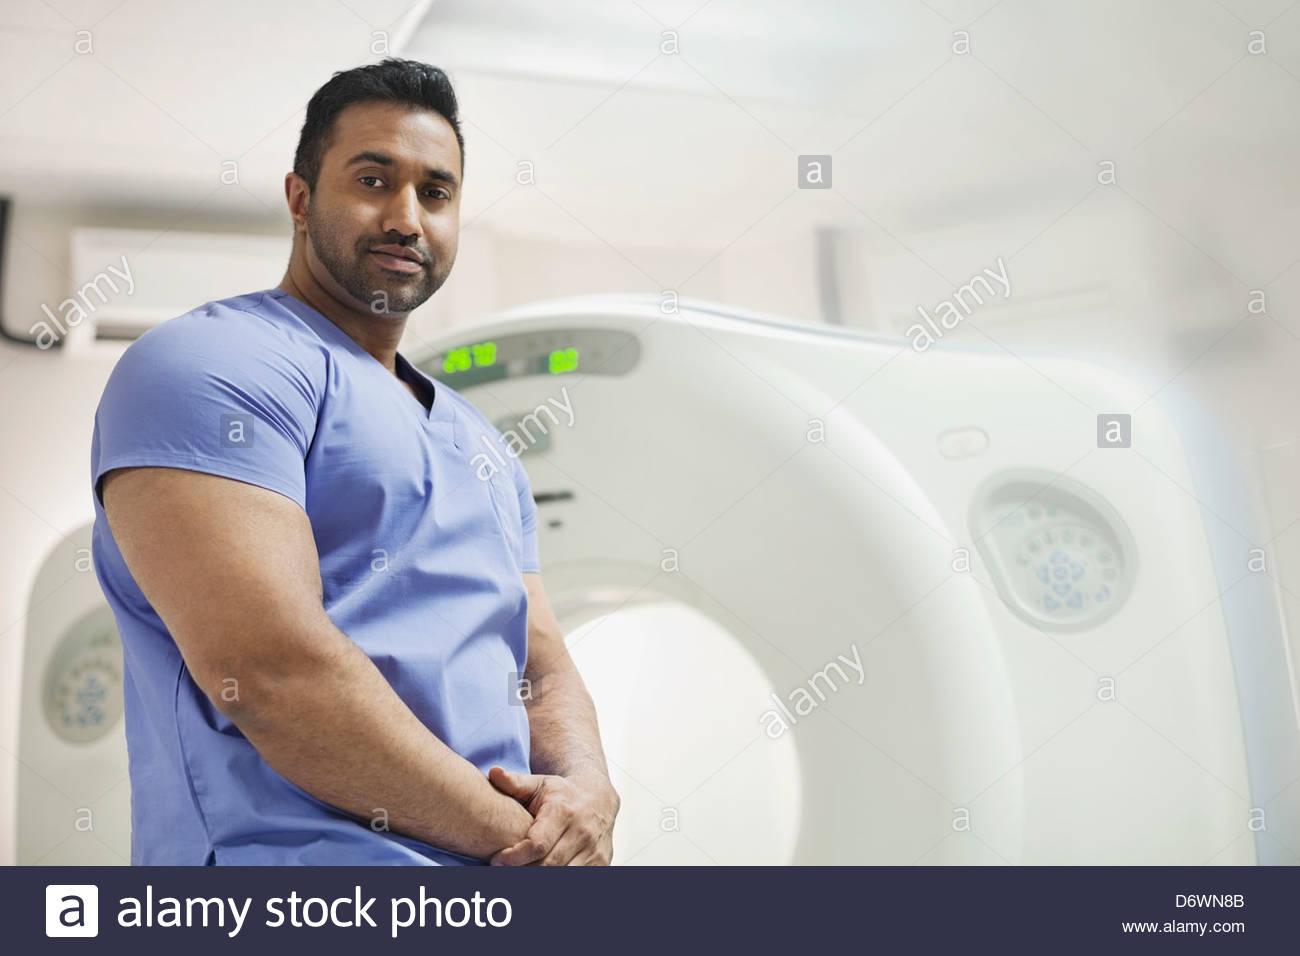 Retrato de mediados macho adulto radiólogo en la parte delantera de la máquina CAT scan Imagen De Stock